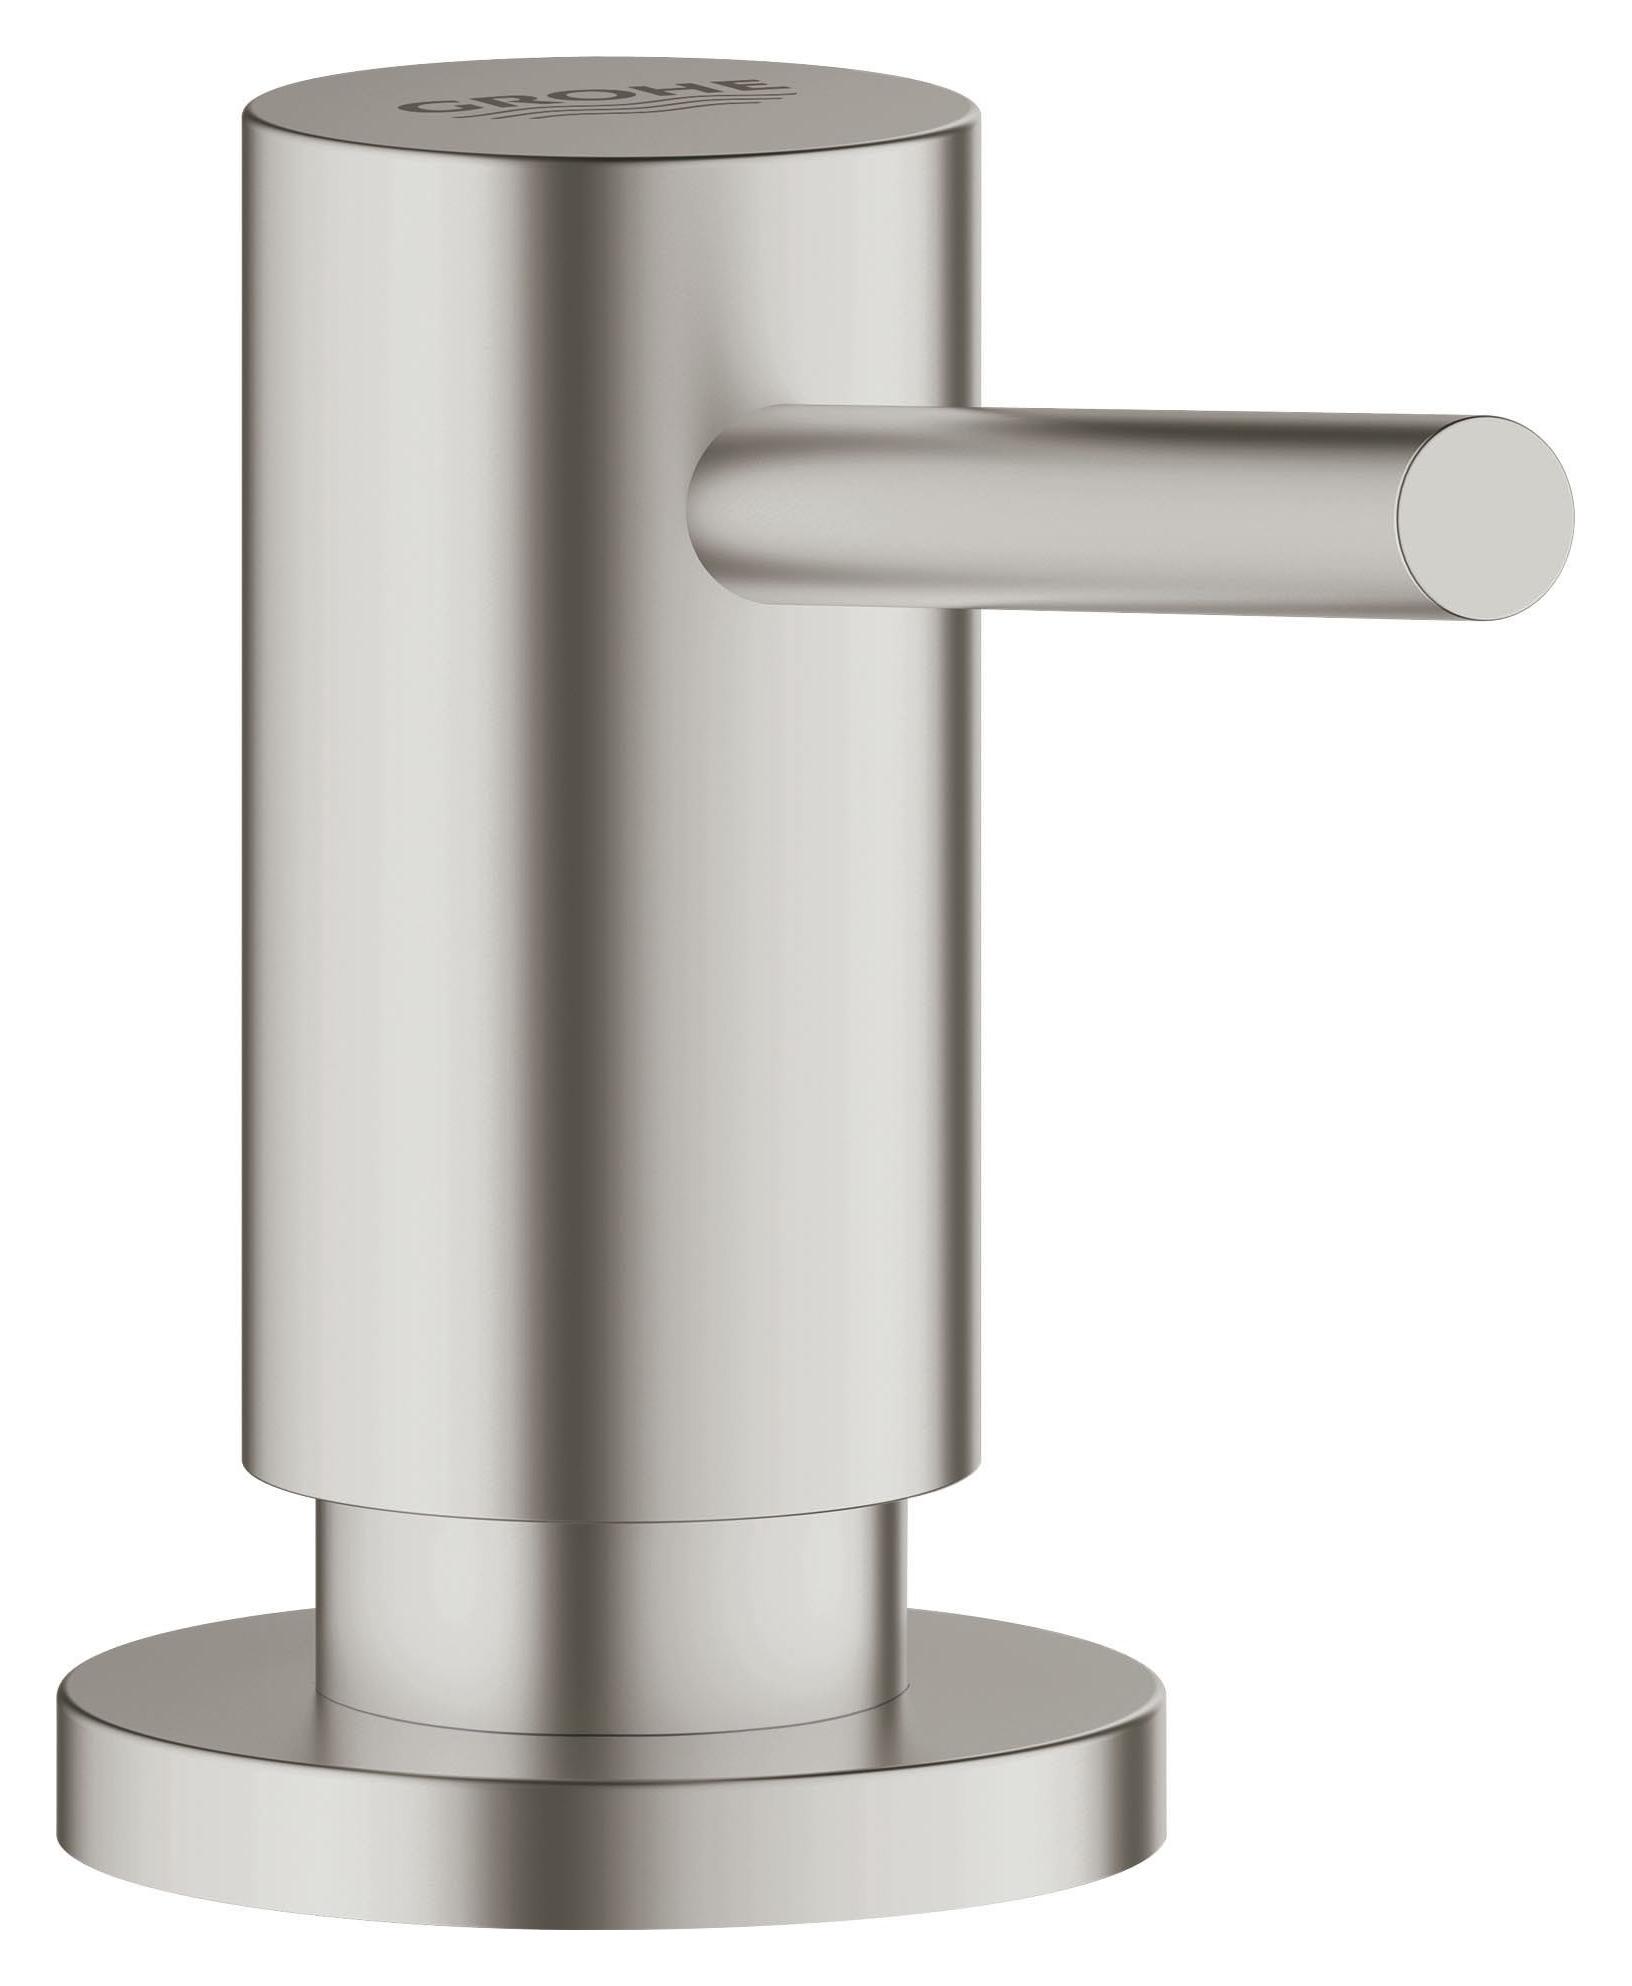 Дозатор жидкого мыла Grohe Cosmopolitan 40535DC0, цвет суперсталь